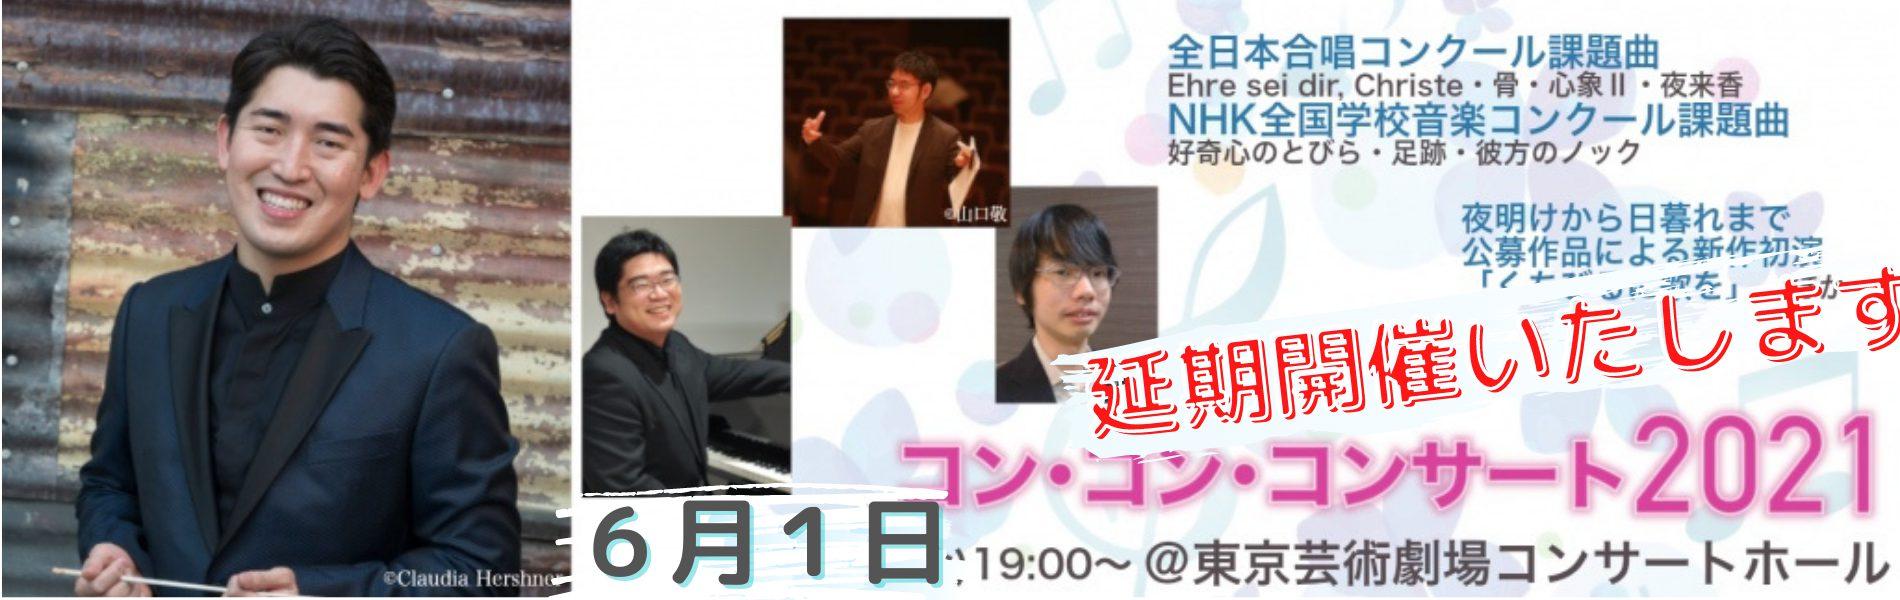 コンコンコンサート2021